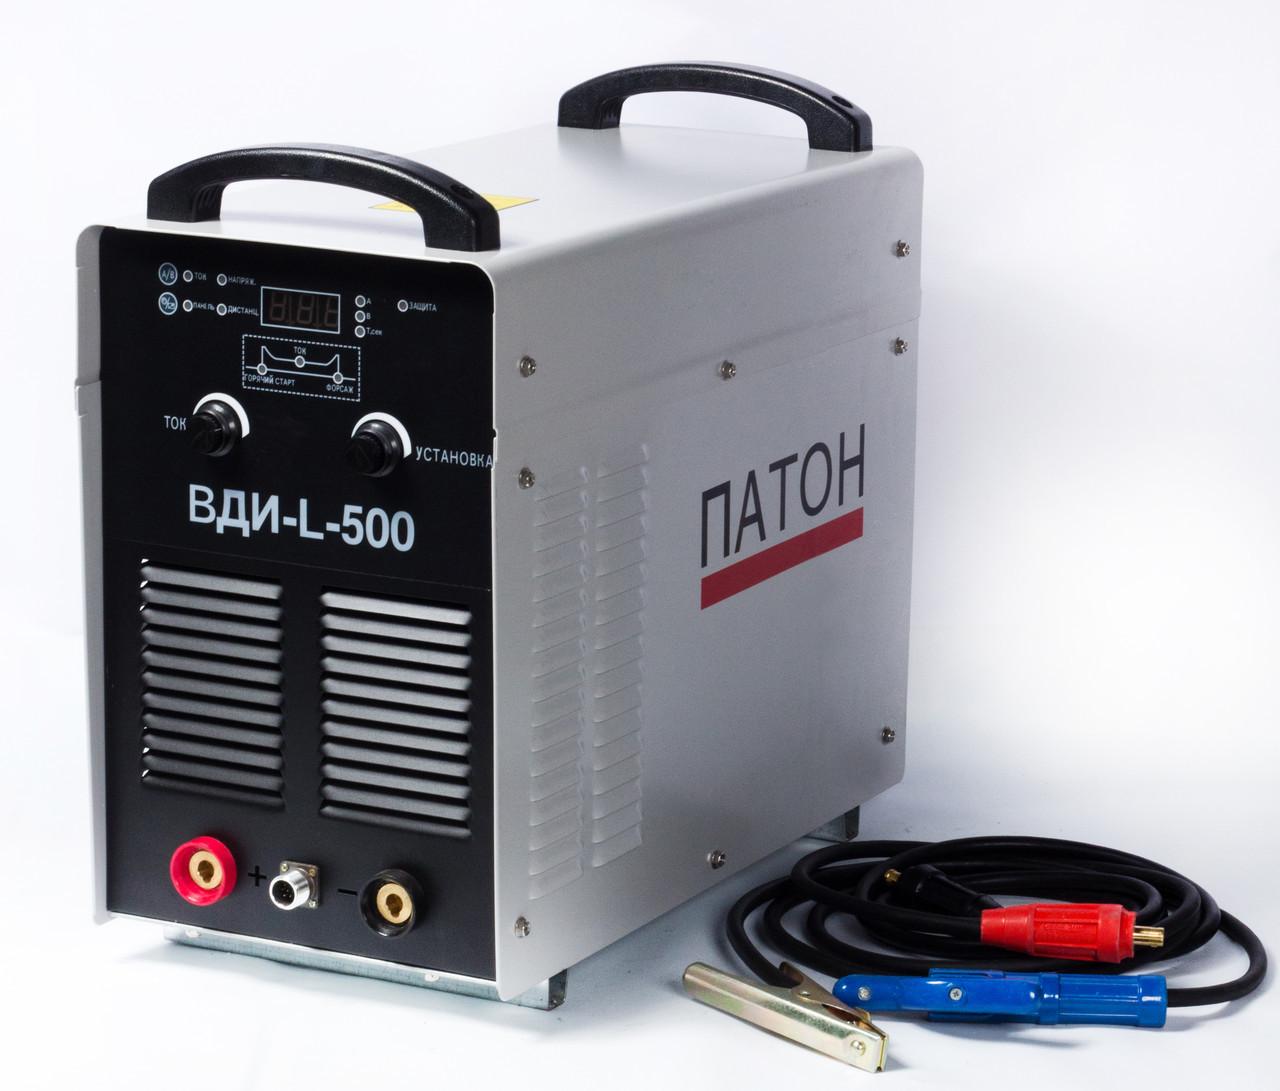 Выпрямитель инверторный ВДИ-L-500 DC MMA